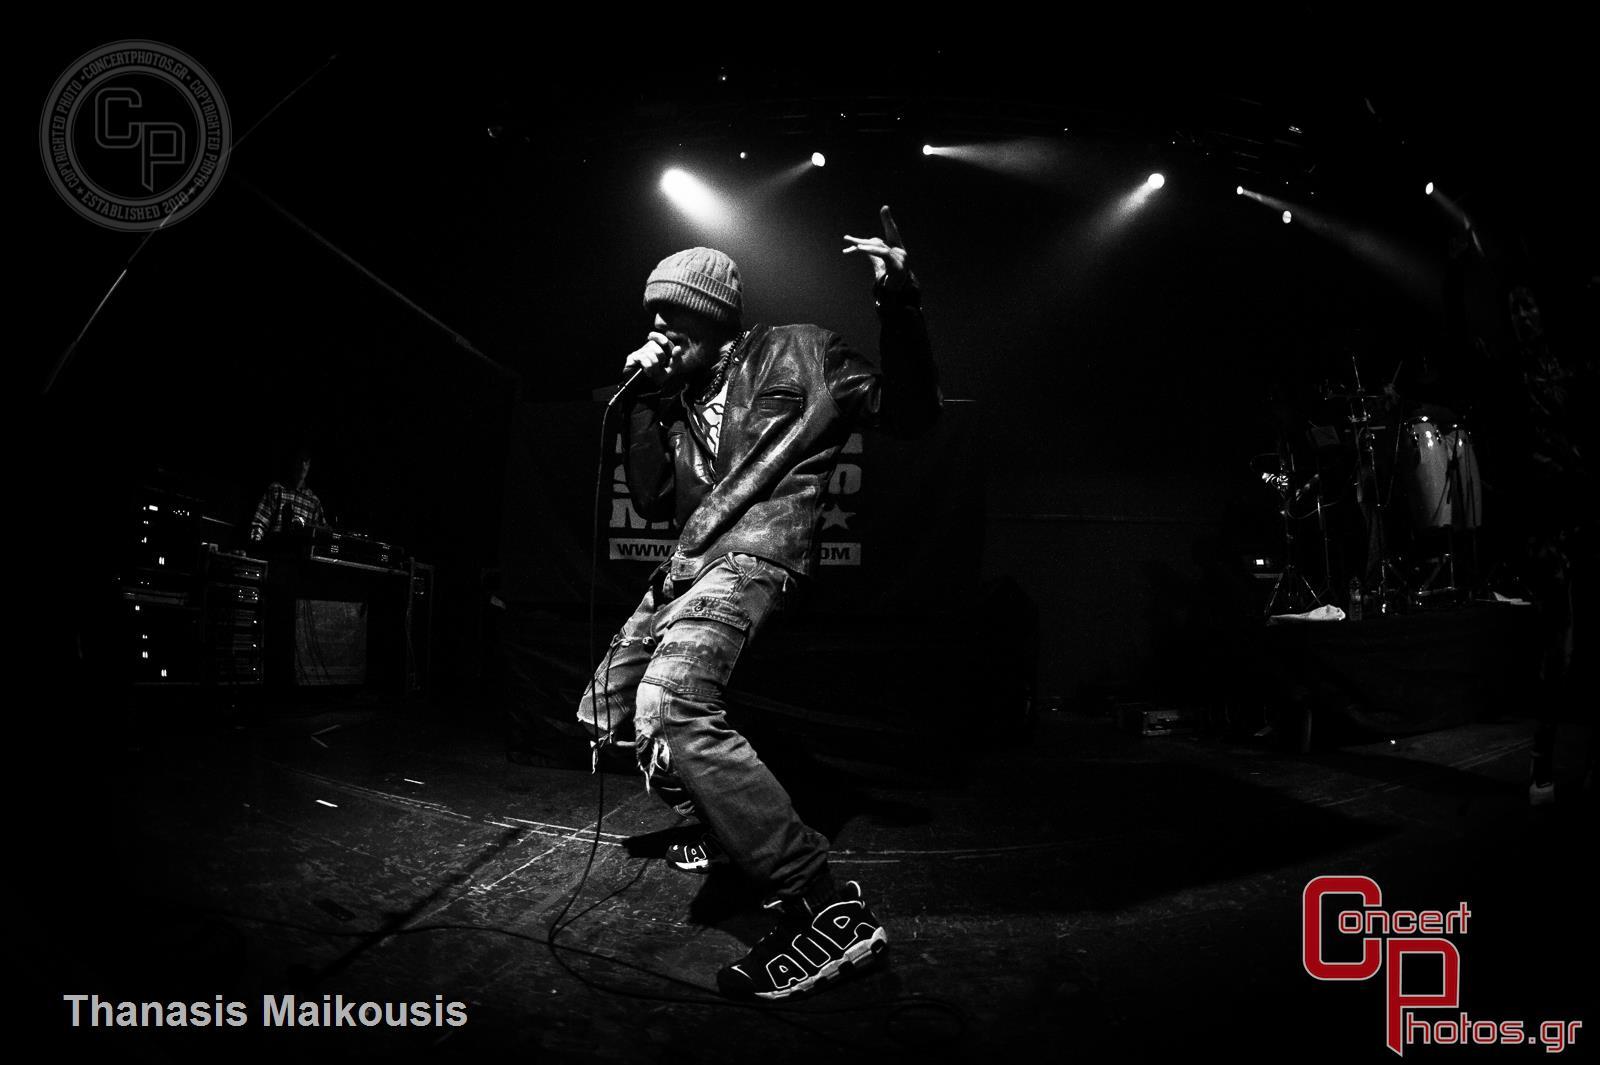 Stereo Mc's-Stereo Mcs photographer: Thanasis Maikousis - ConcertPhotos - 20141129_2302_52